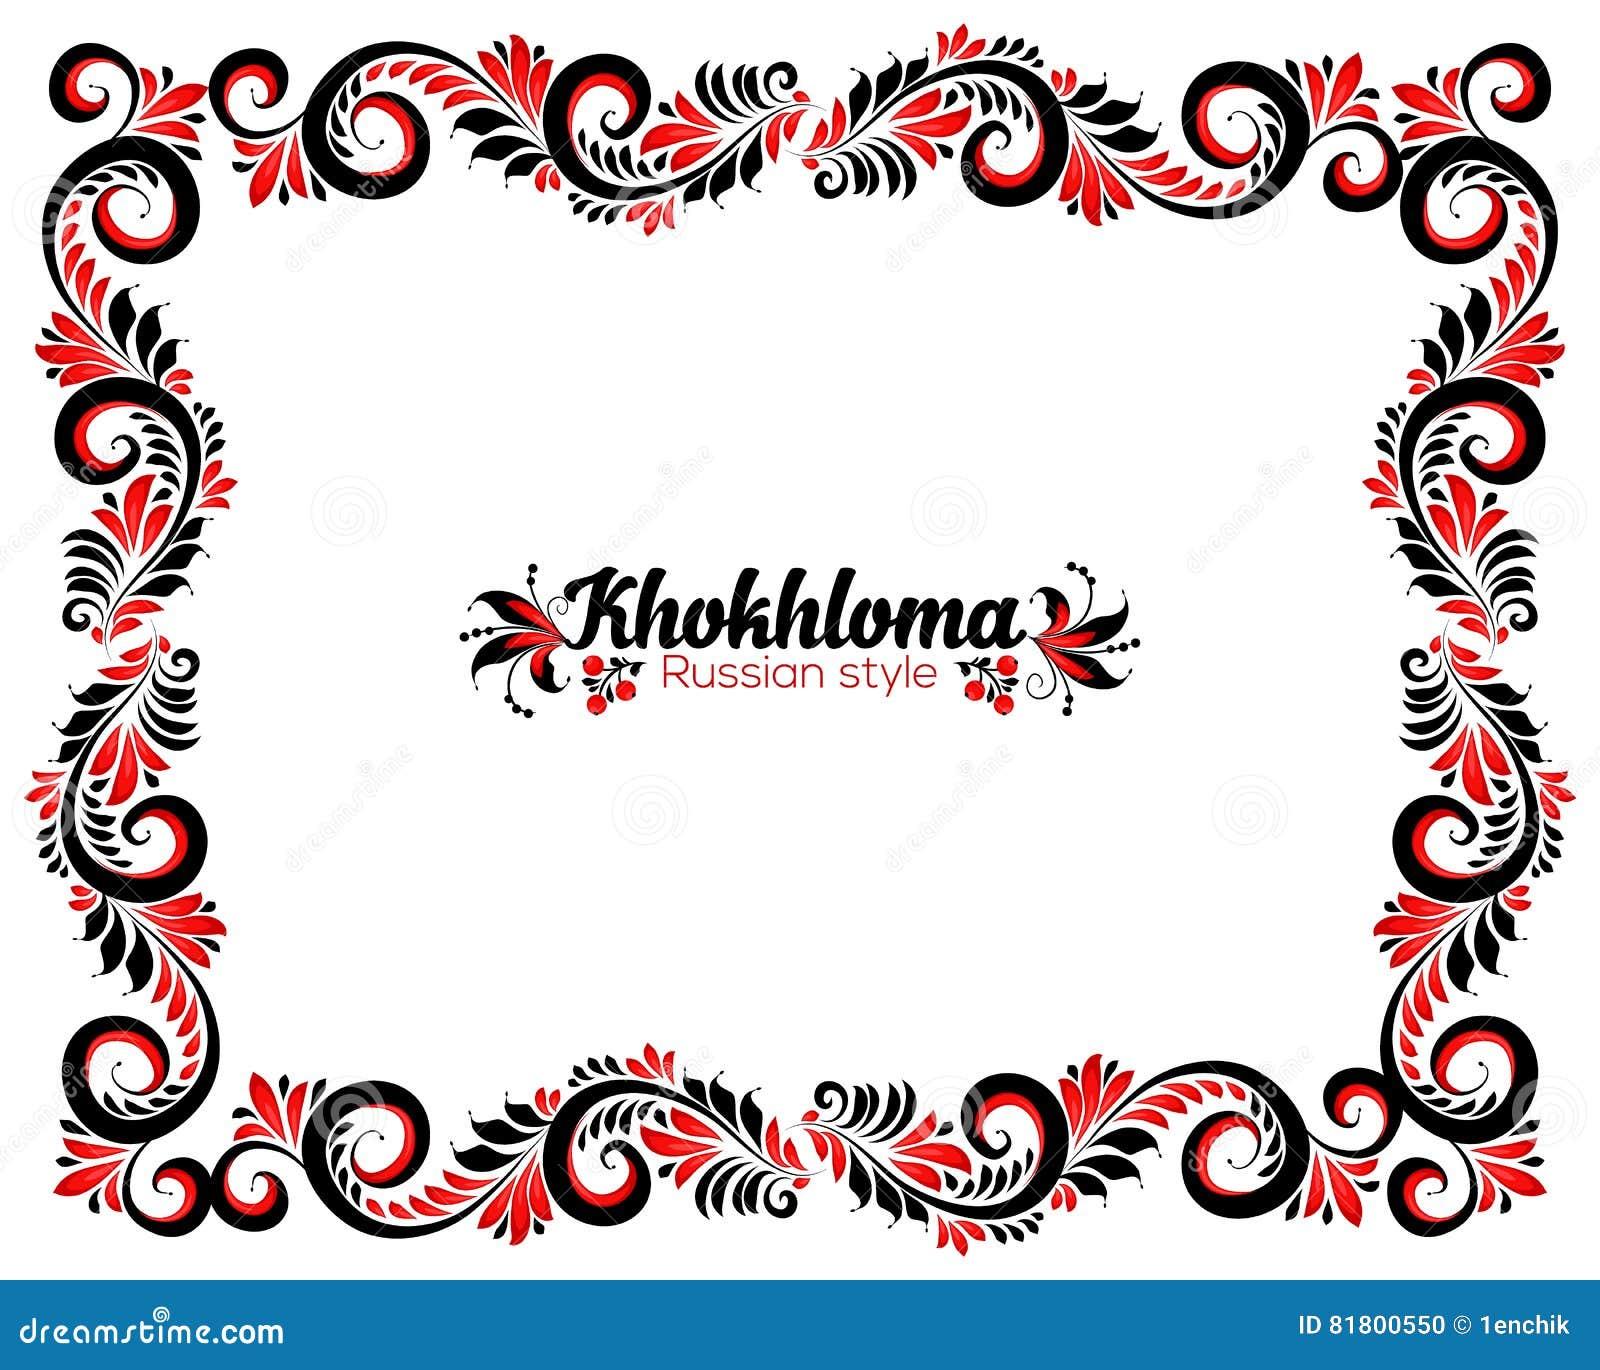 Граница черных и красных цветов богато украшенная в русском стиле hohloma